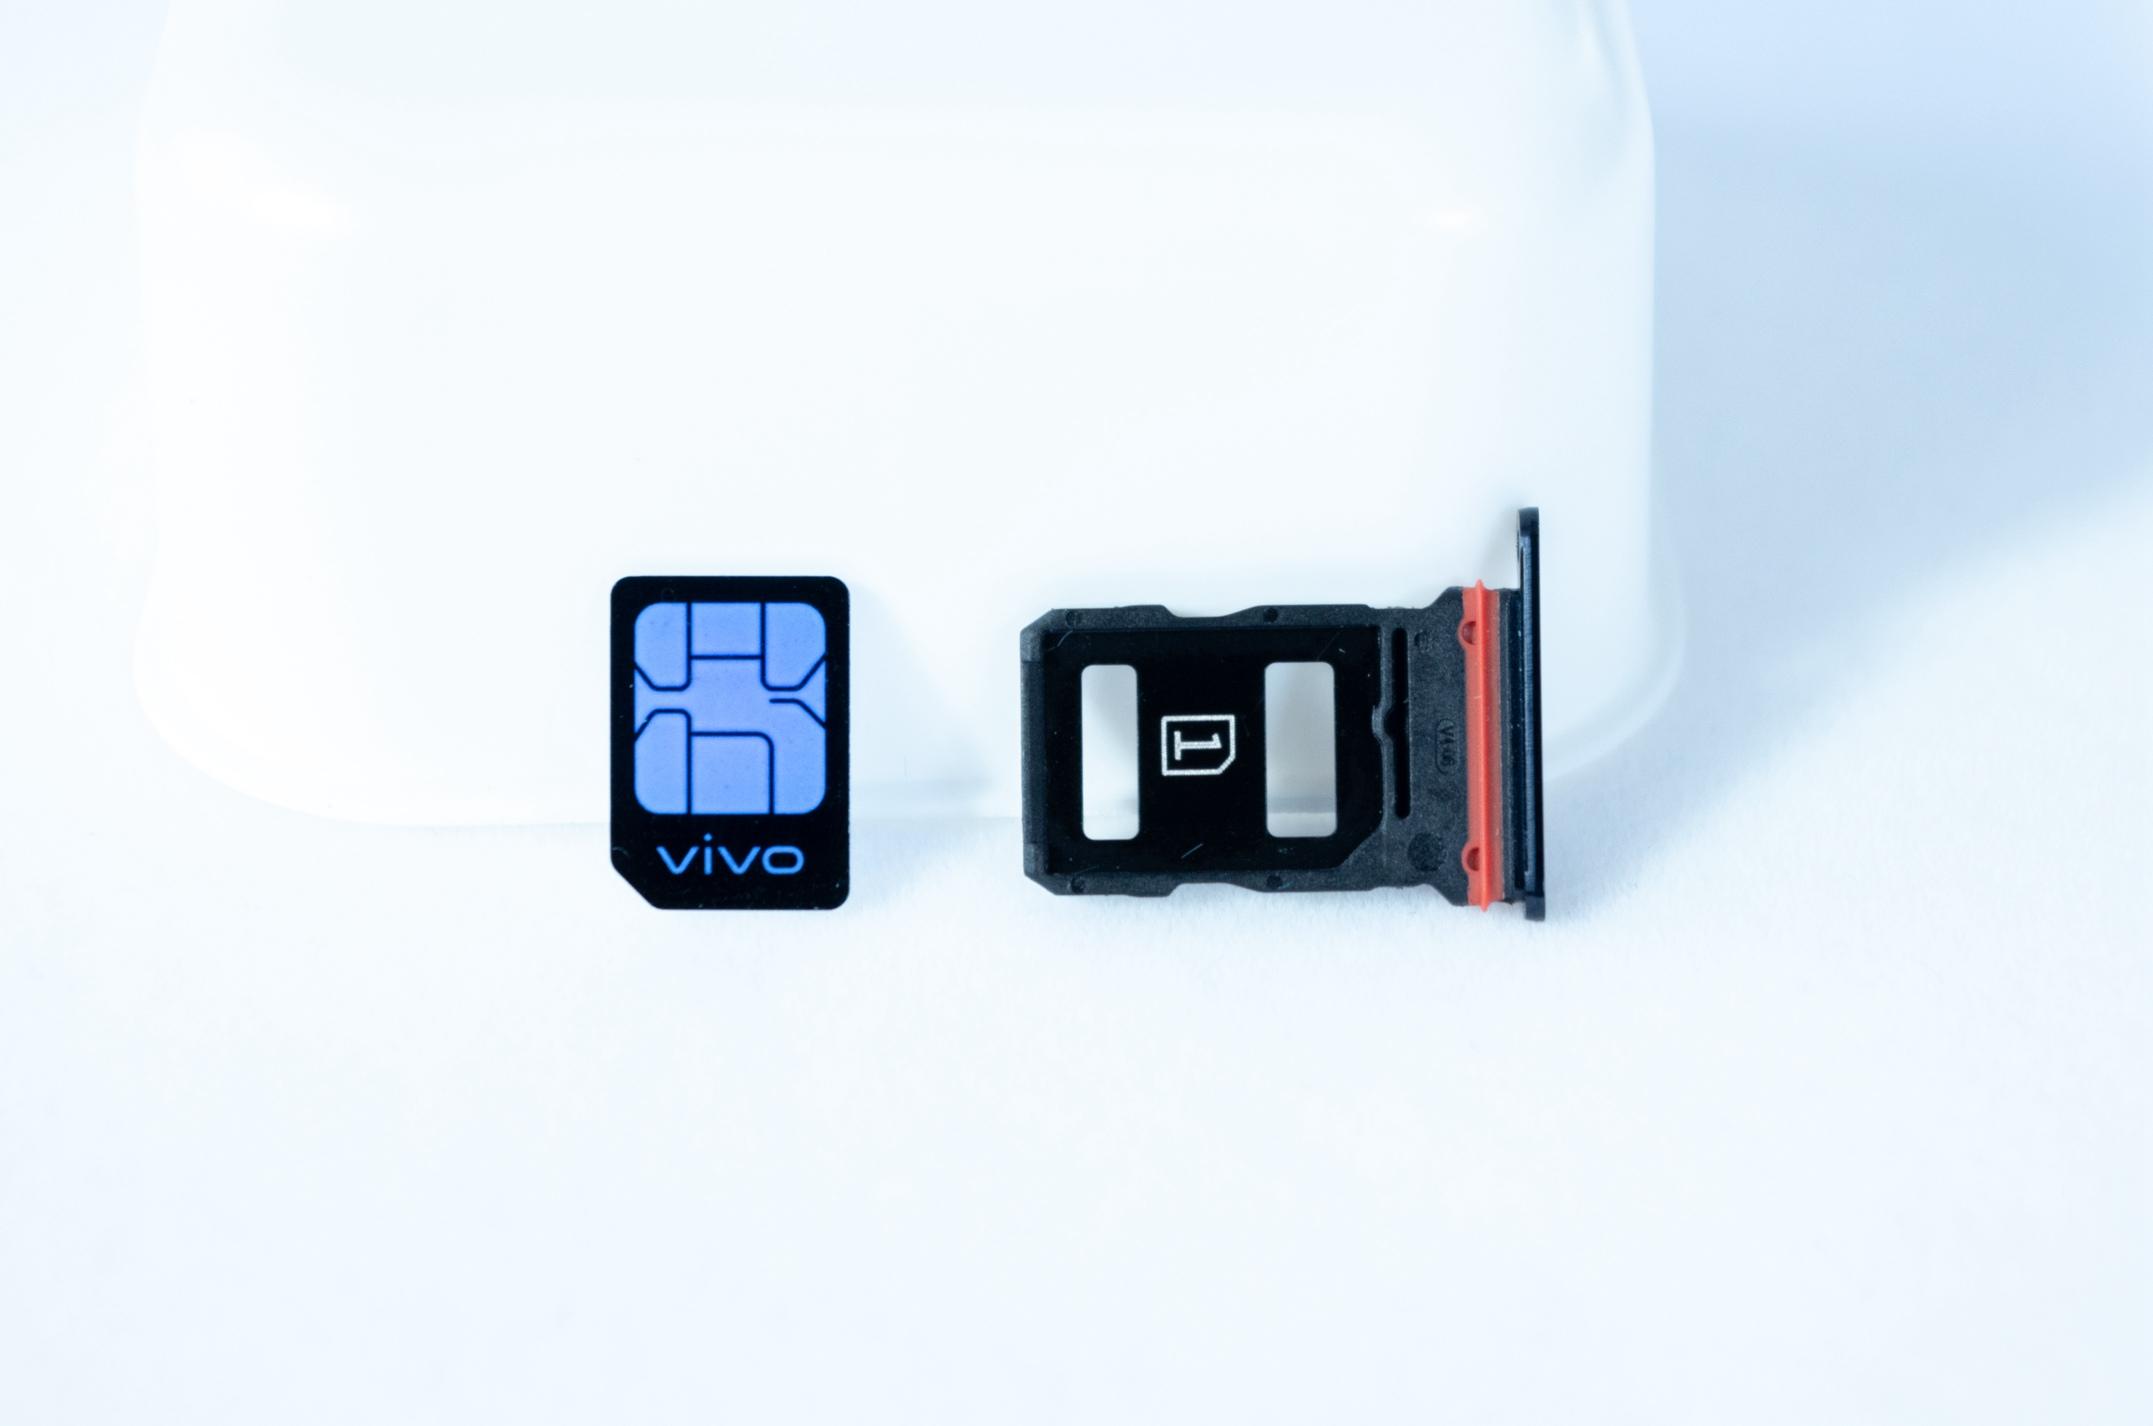 3798元起!iQOO Pro 5G版评测:诚意满满的5G敲门砖